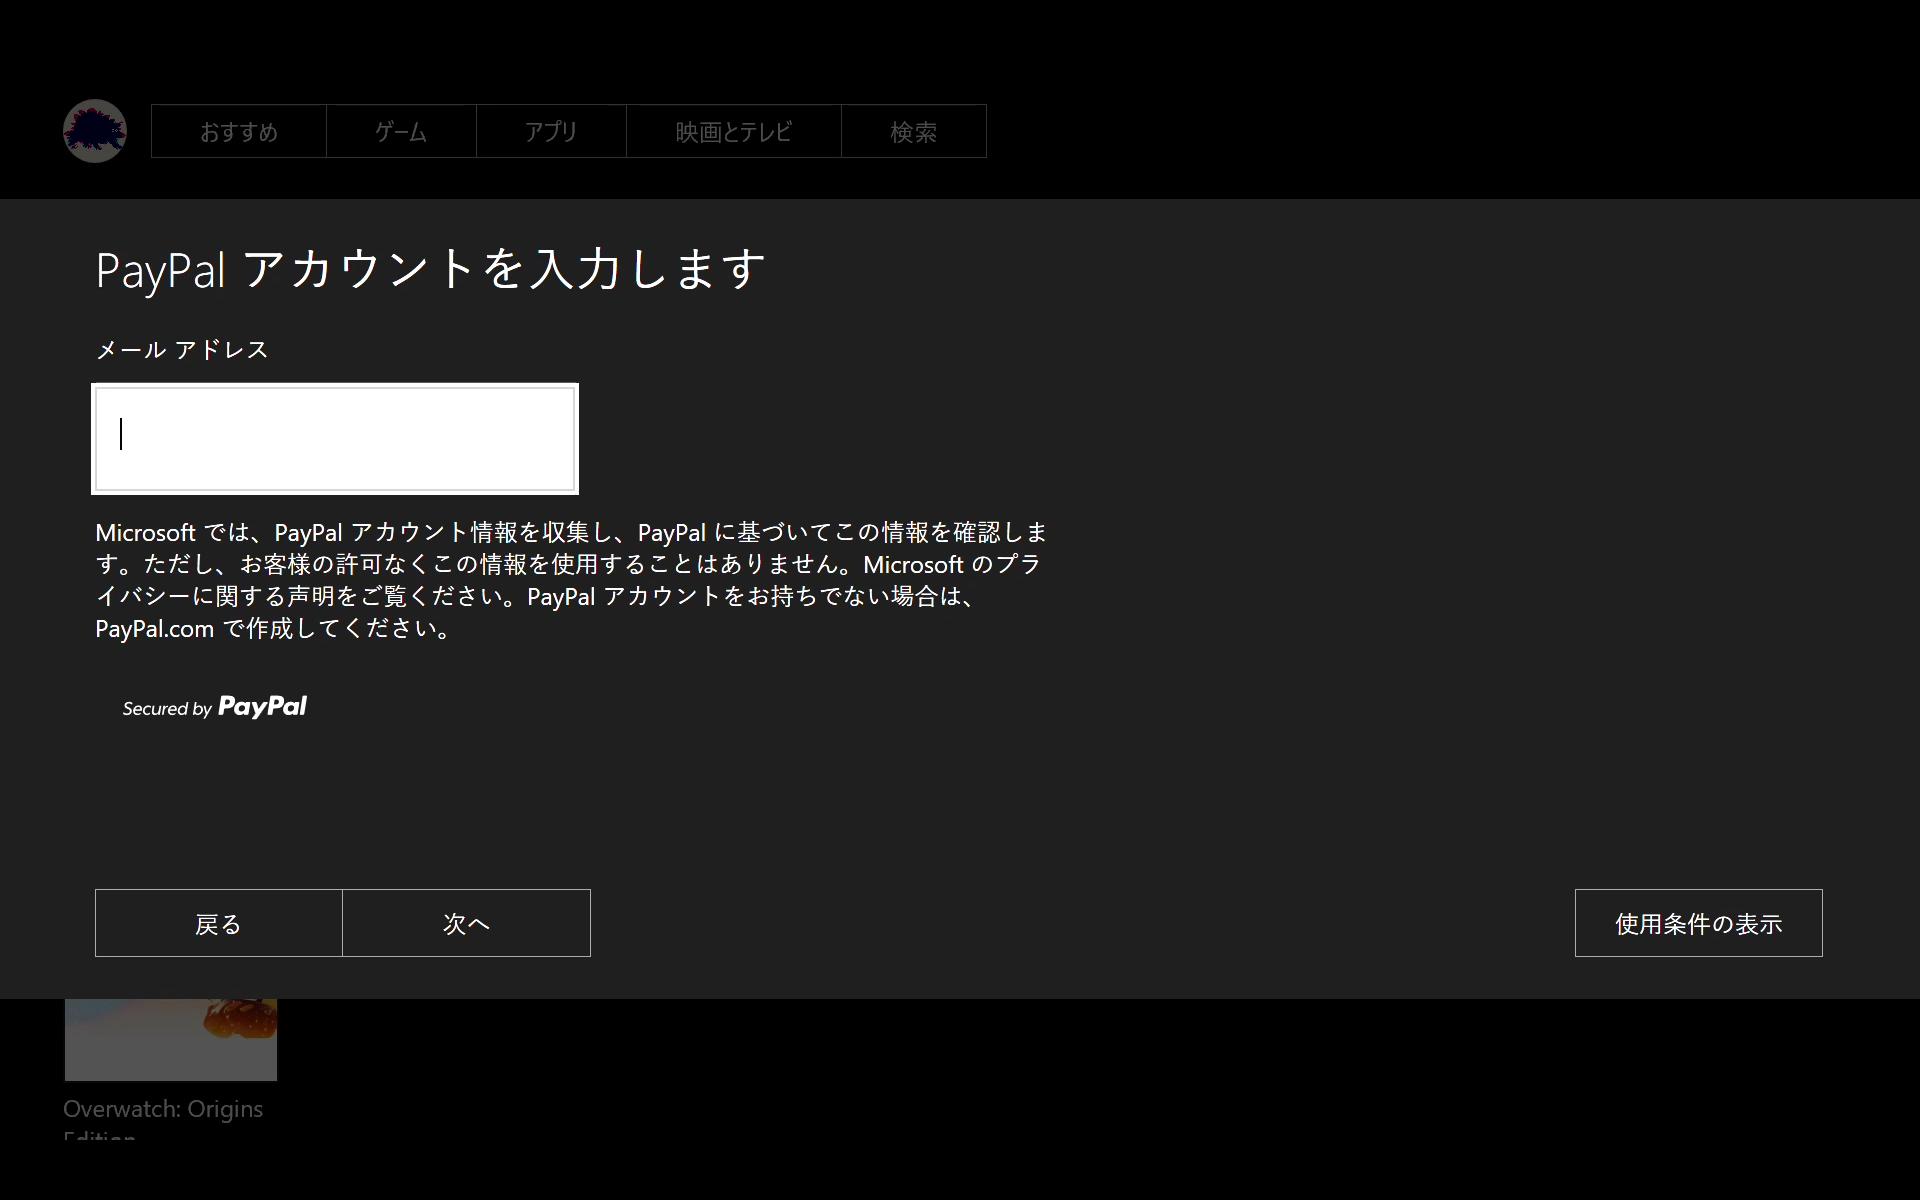 Xbox 2016_08_09 22_15_27